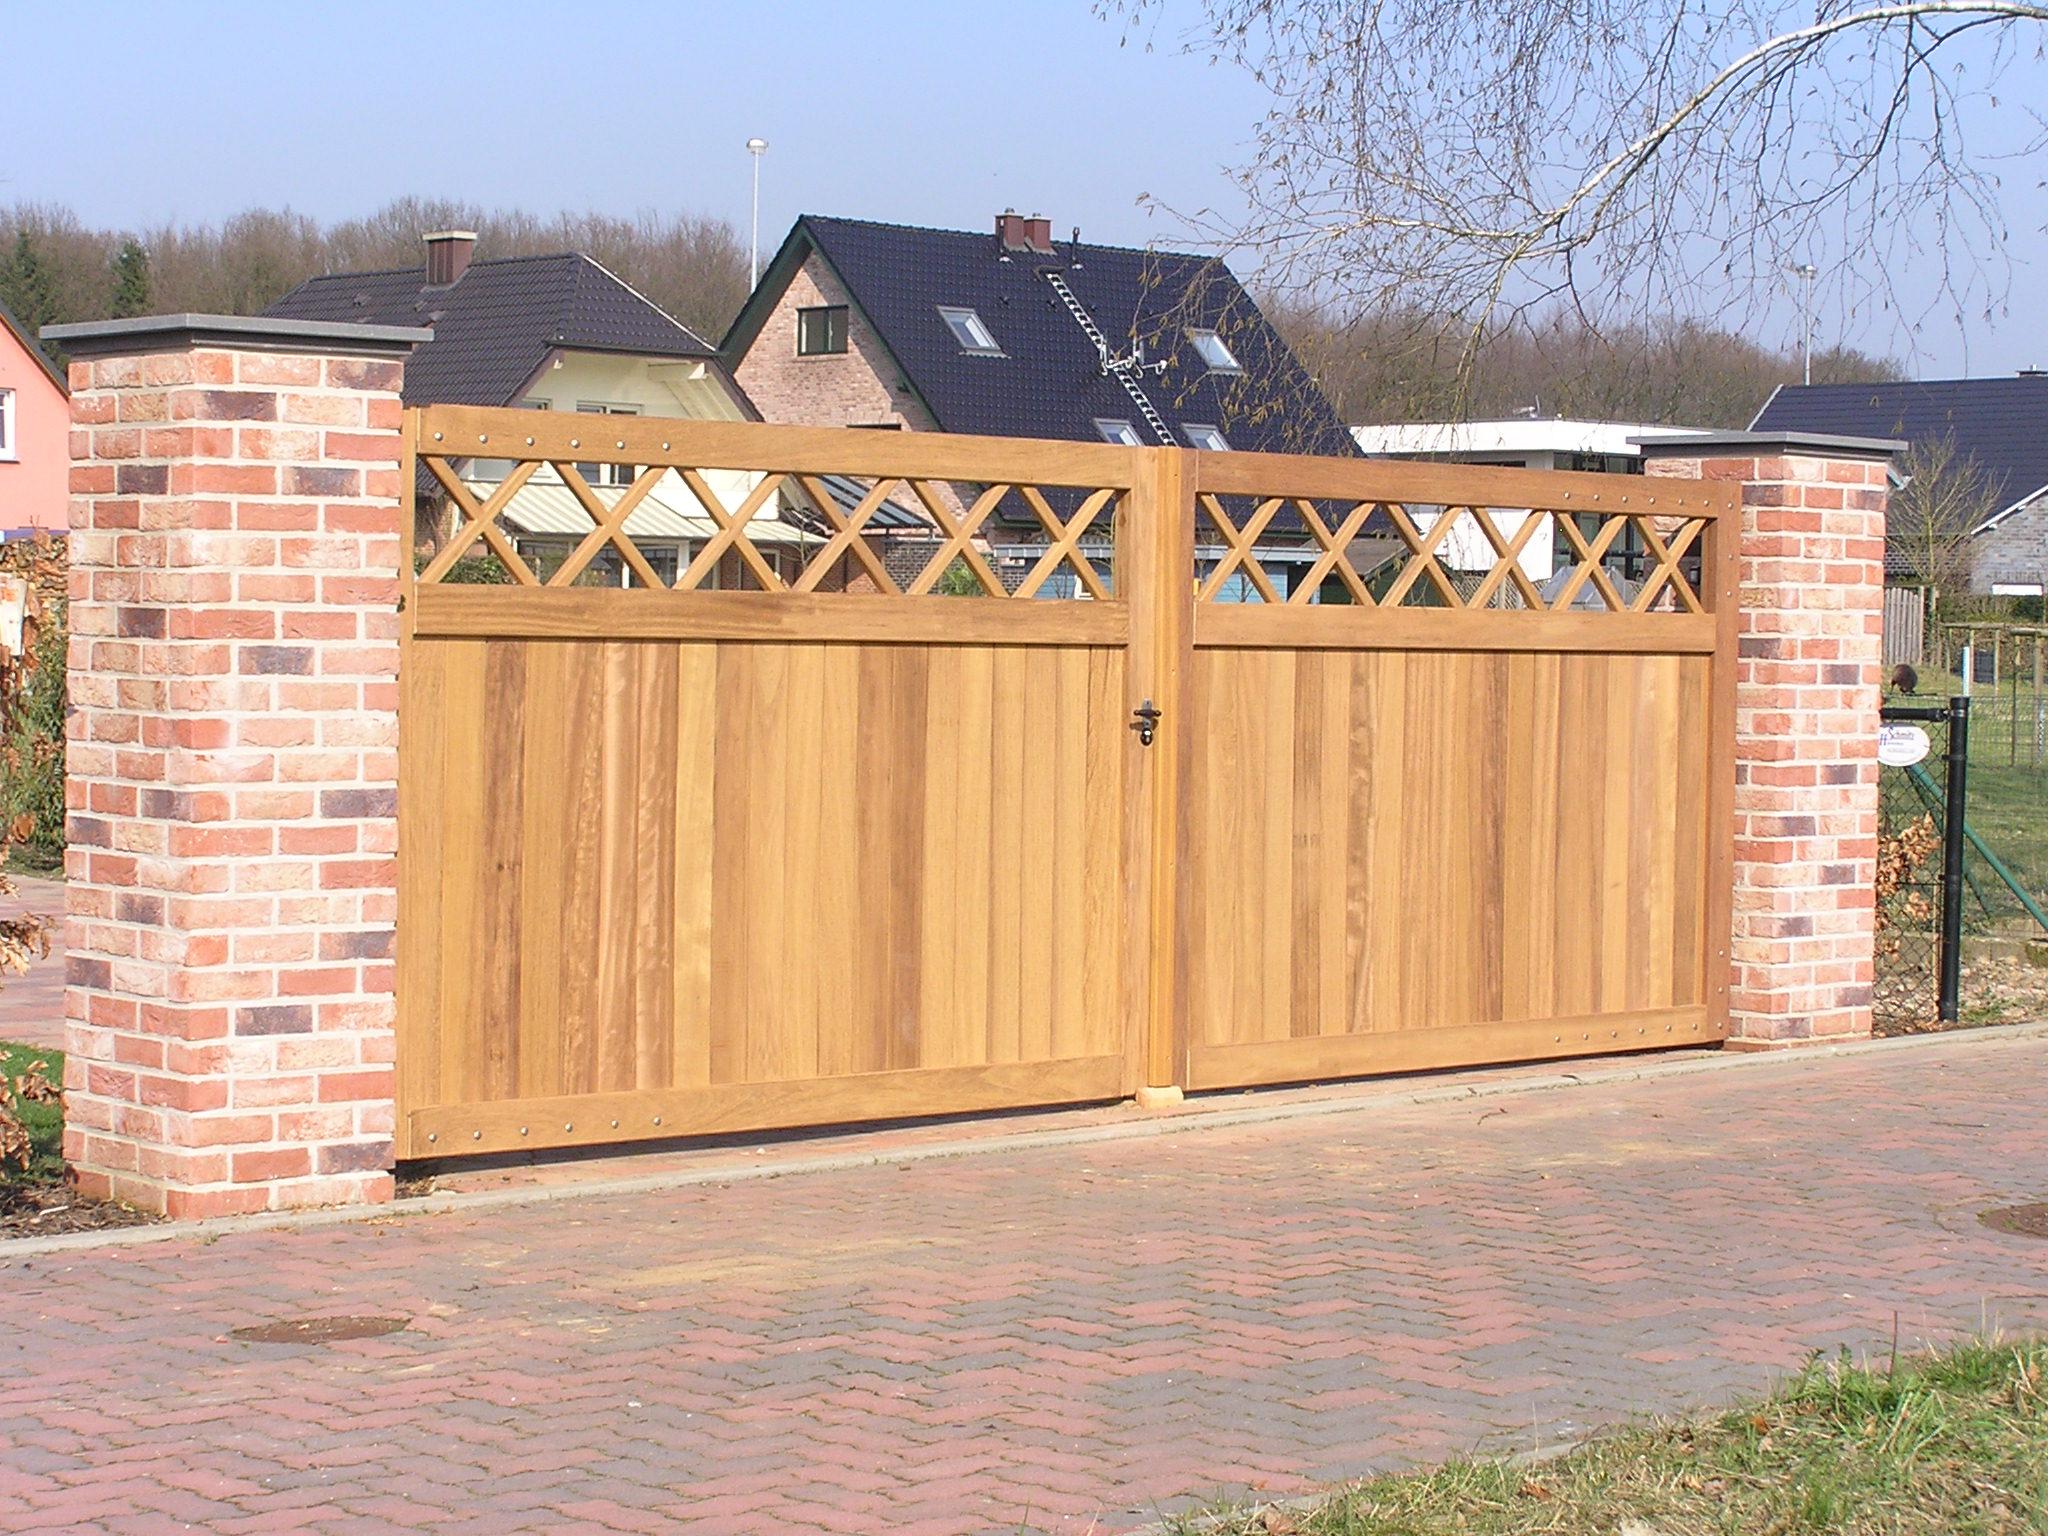 Houtbouw Garage Schuur : Maatwerk houtbouw schuur garage veranda overkapping & kozijn op